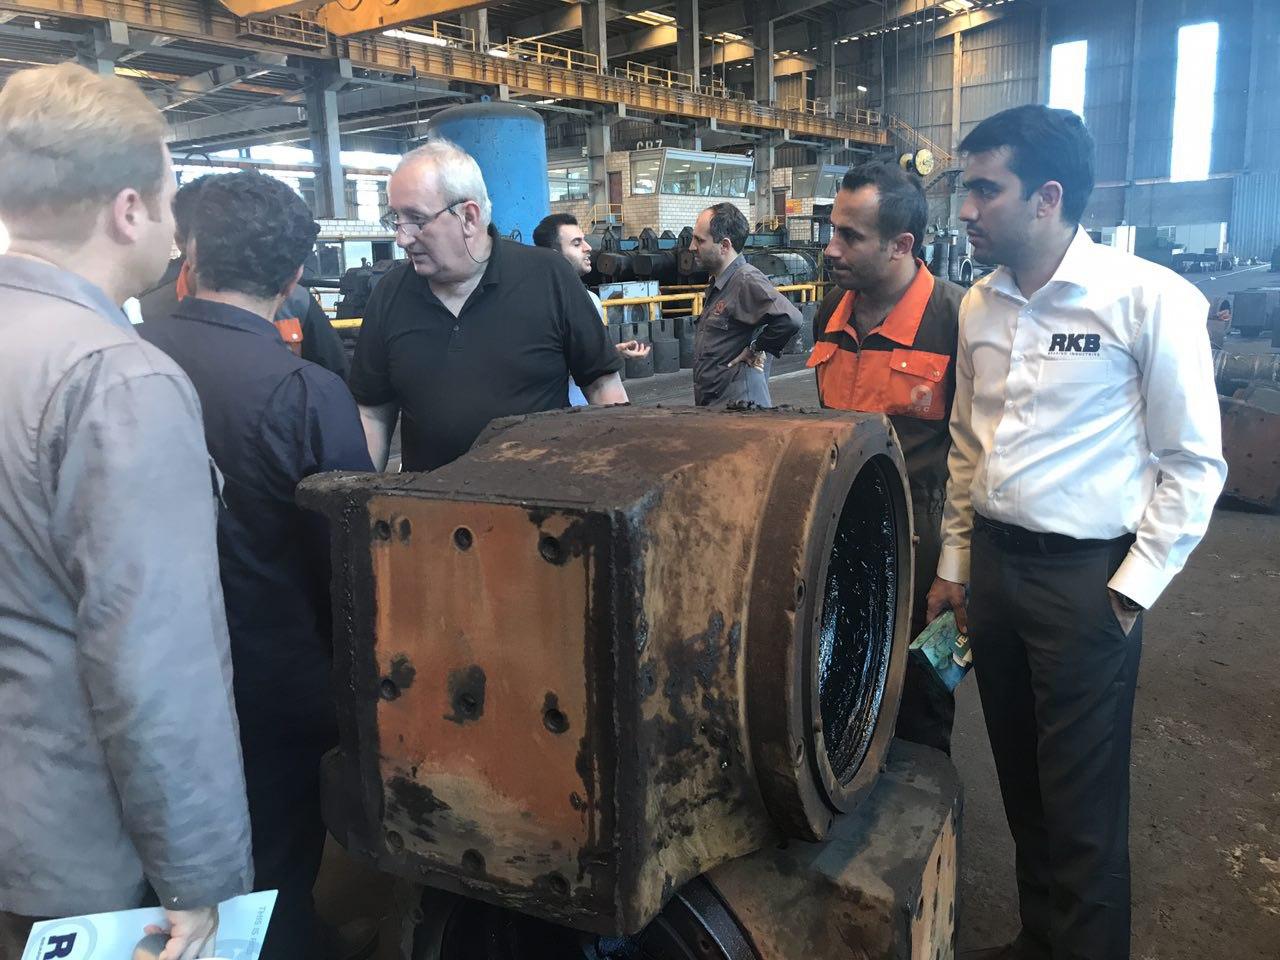 سمینارهای تیم RKB سوئیس در ایران